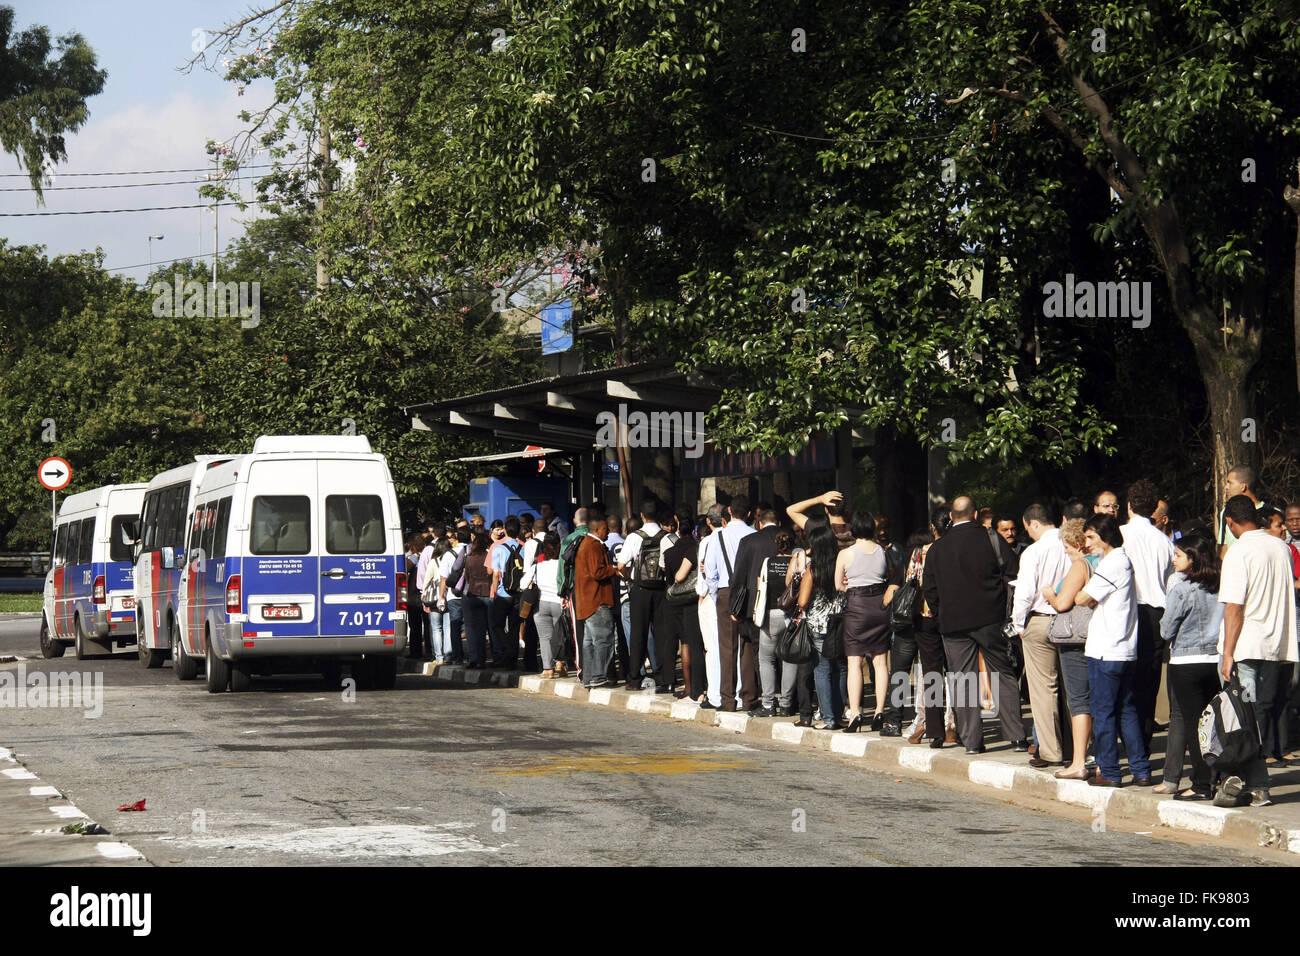 Les passagers de la file d'attente à l'arrêt de bus Pont Orca Photo Stock